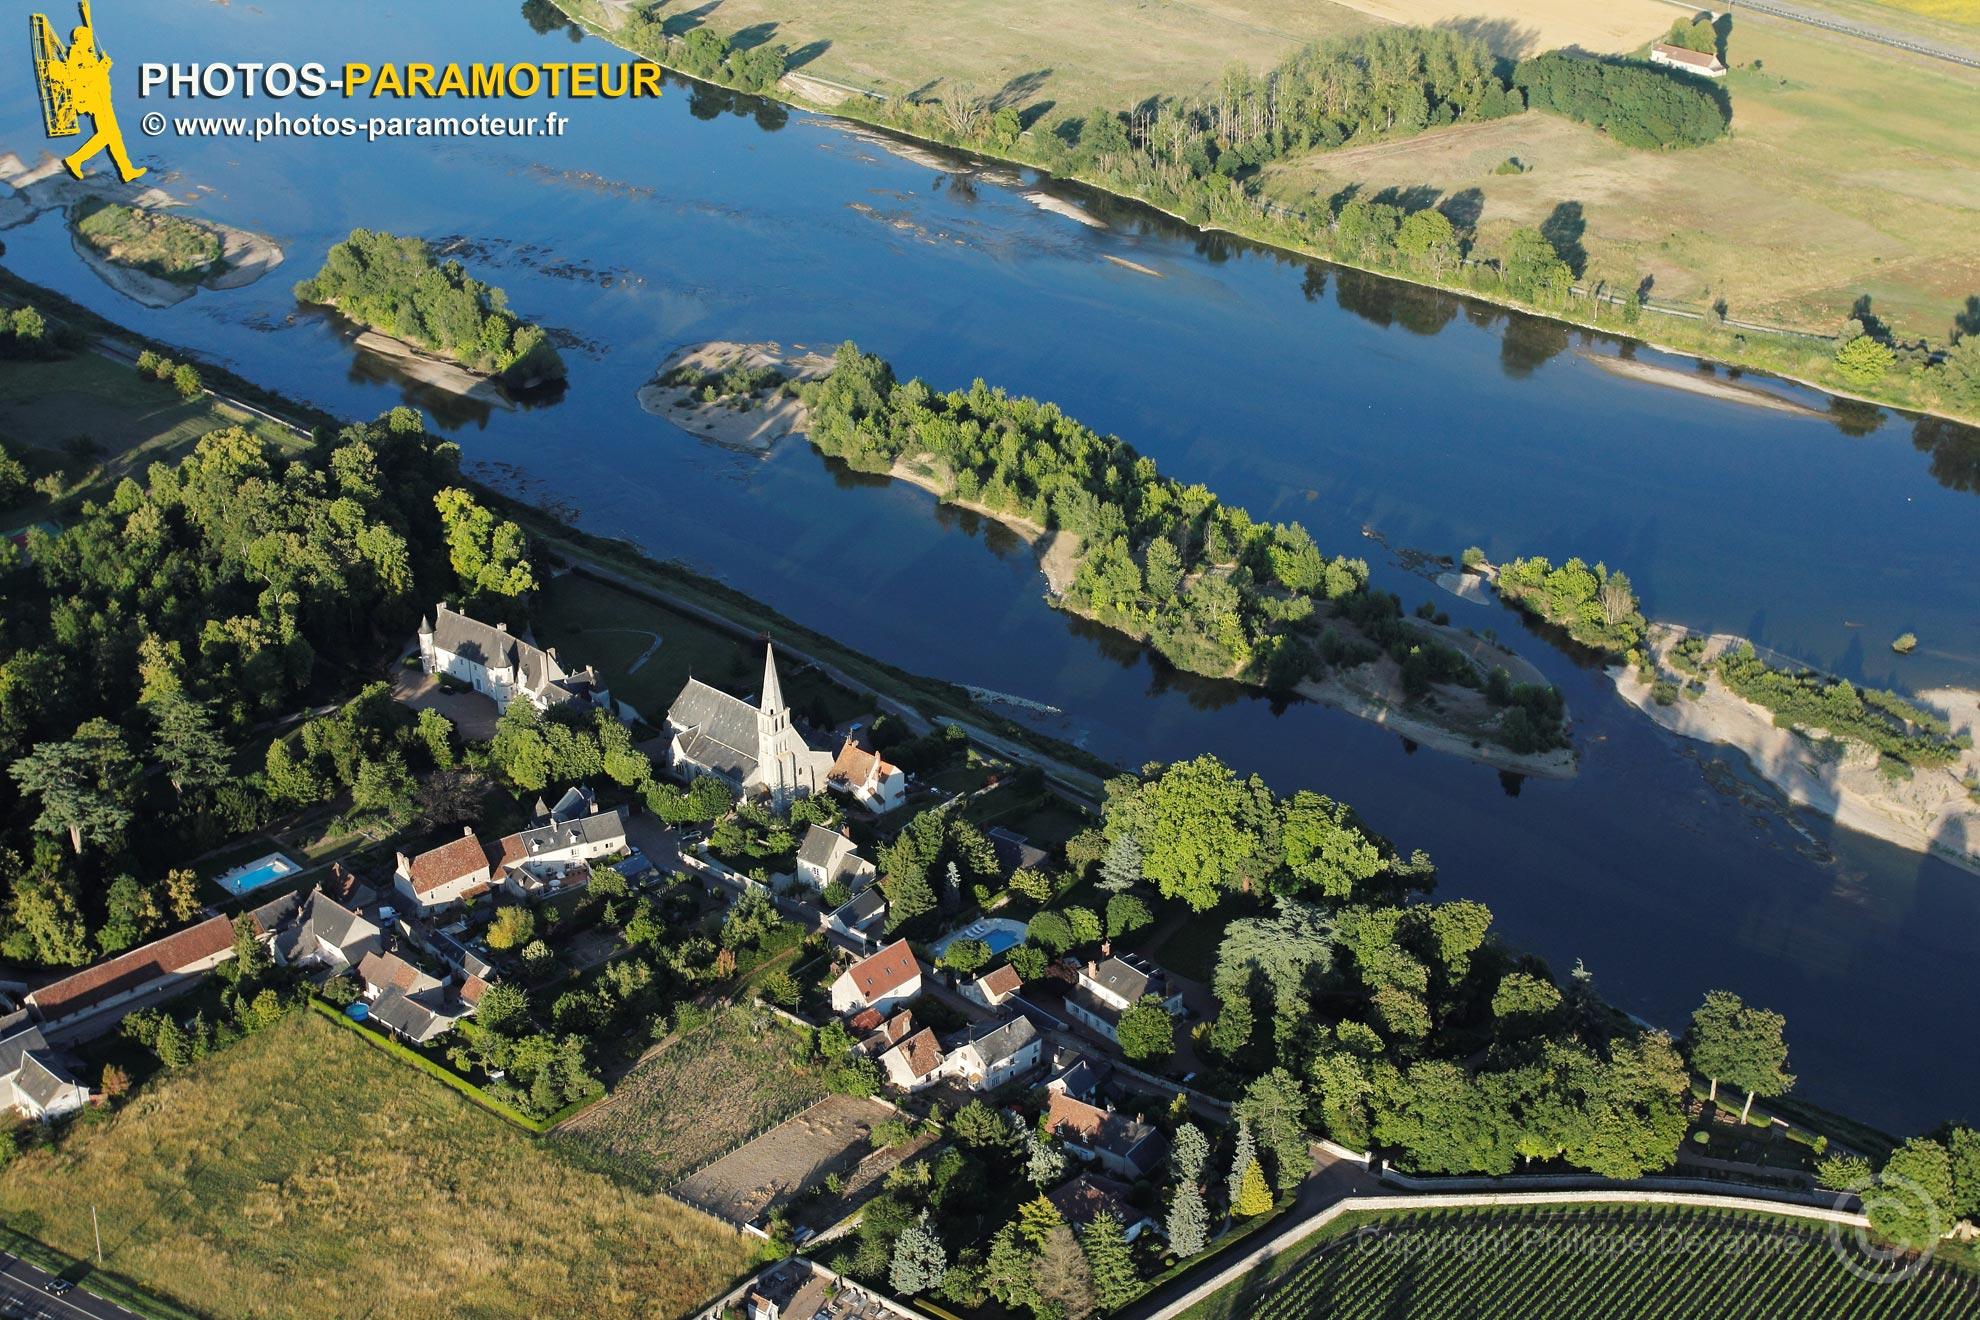 Cour-sur-Loire vu du ciel